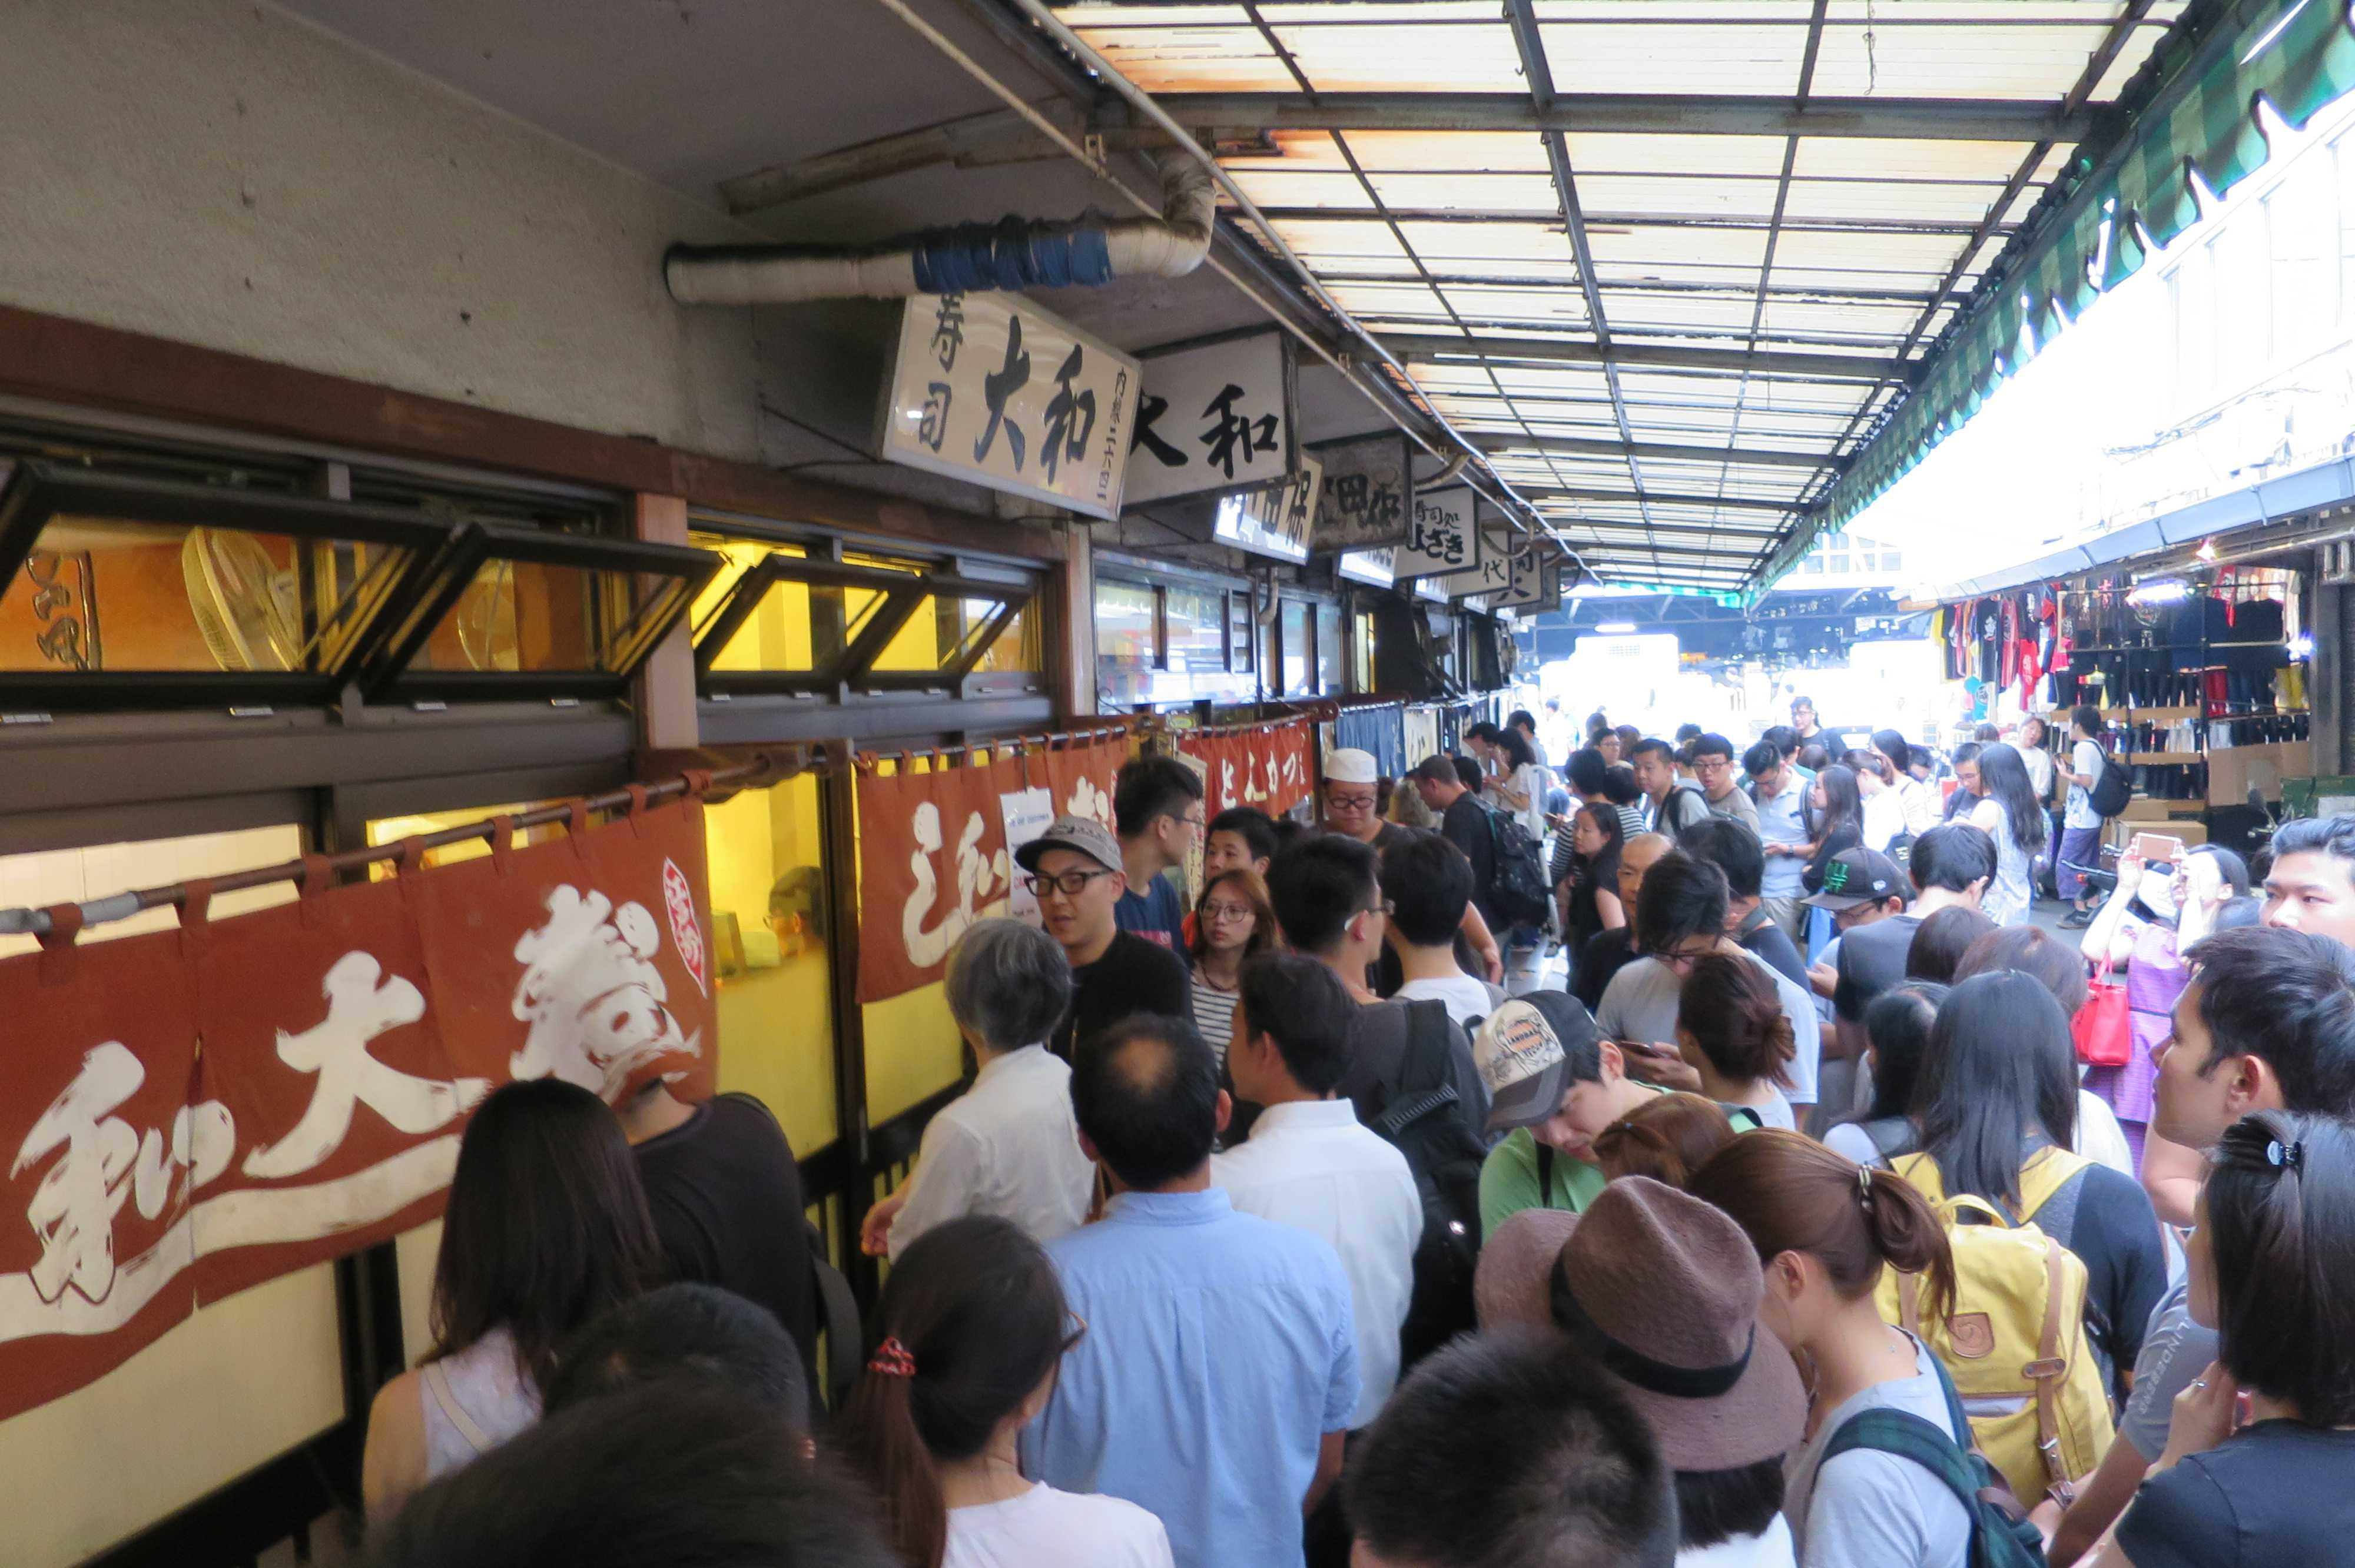 築地市場(場内)の寿司屋「大和寿司」前の大行列